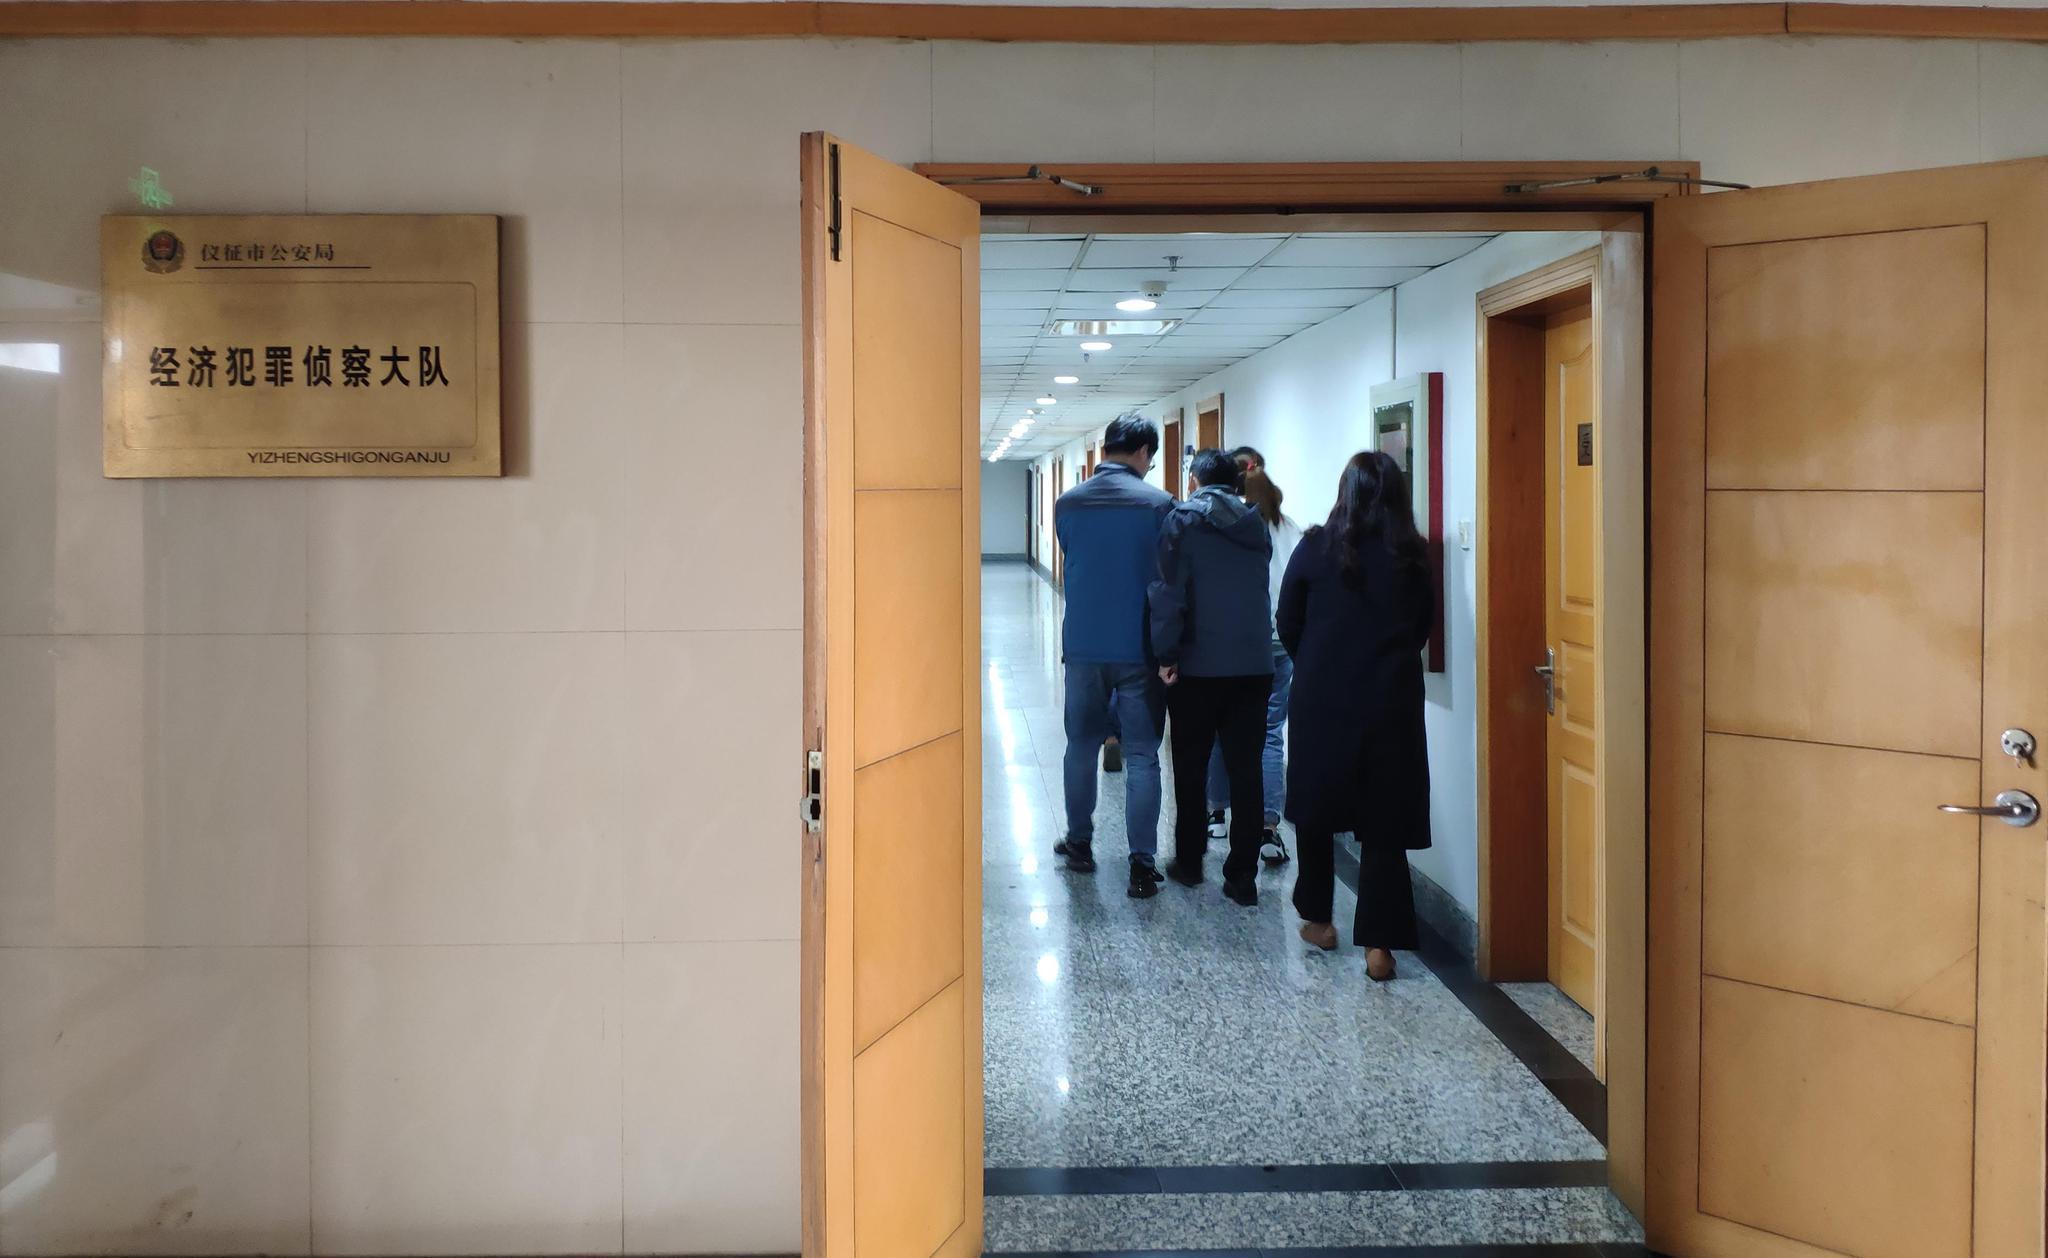 涉事14人前往公安部门报案。说服昂着供图